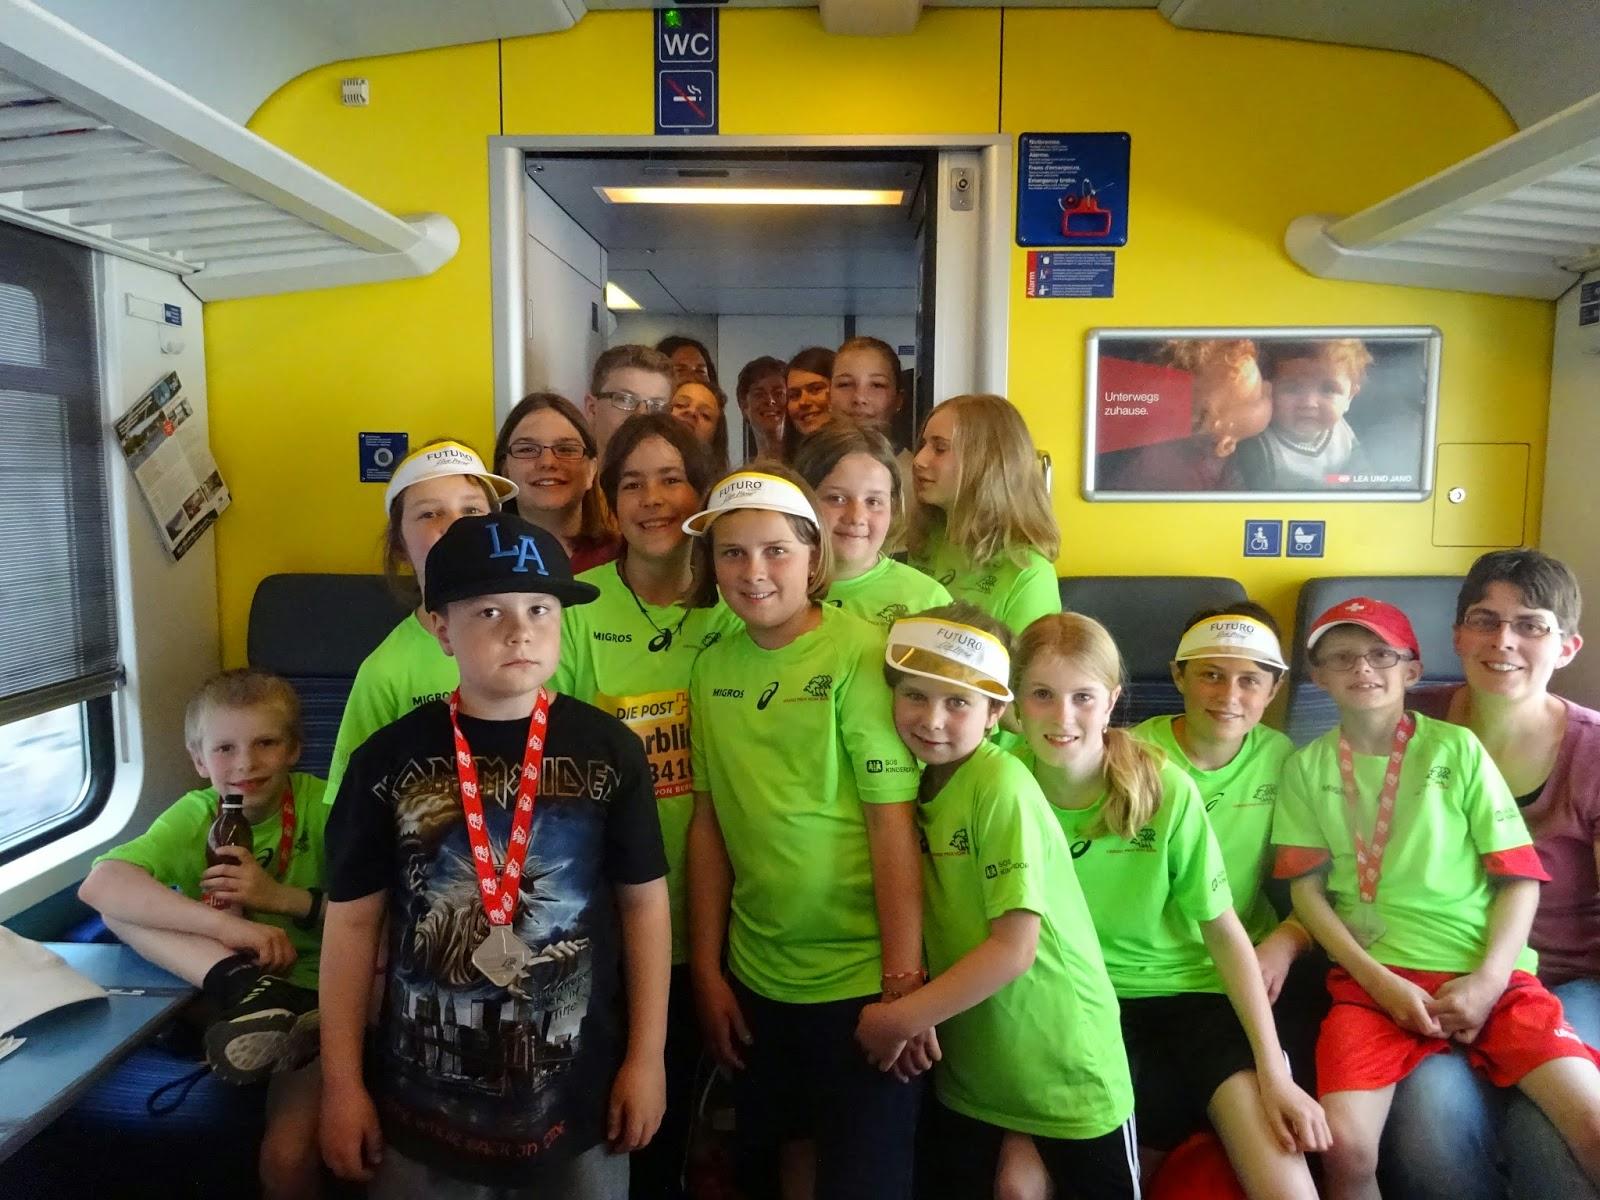 Kletterausrüstung Bern : Gp bern mai schule walterswil